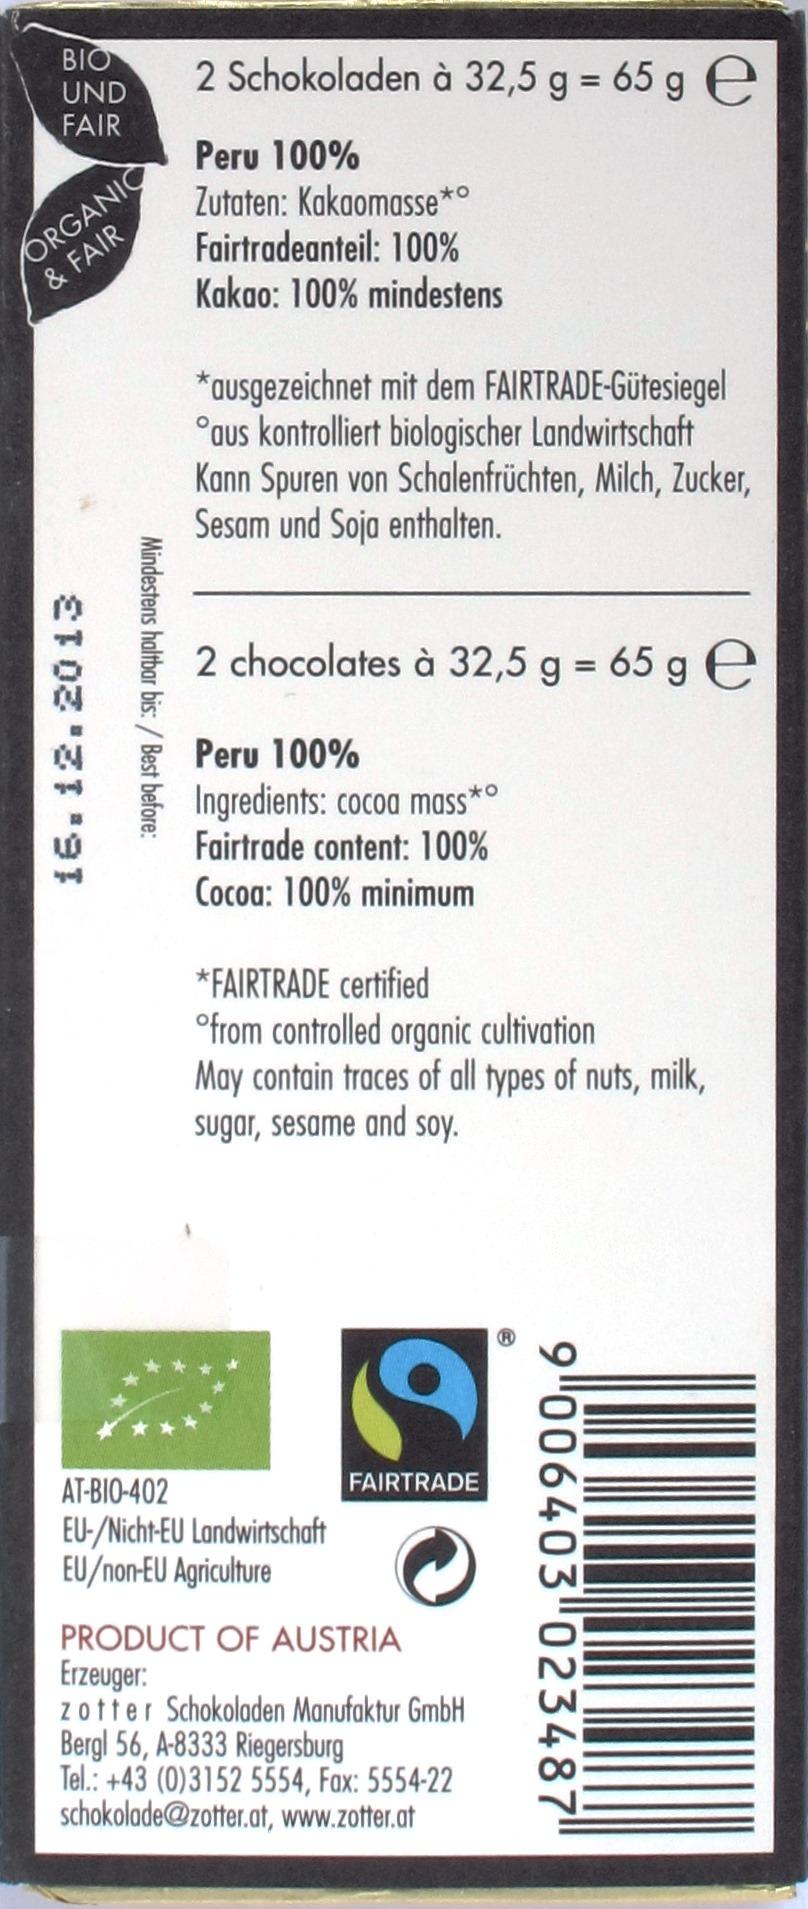 Zotter 100% Peru Bitterschokolade, Rückseite